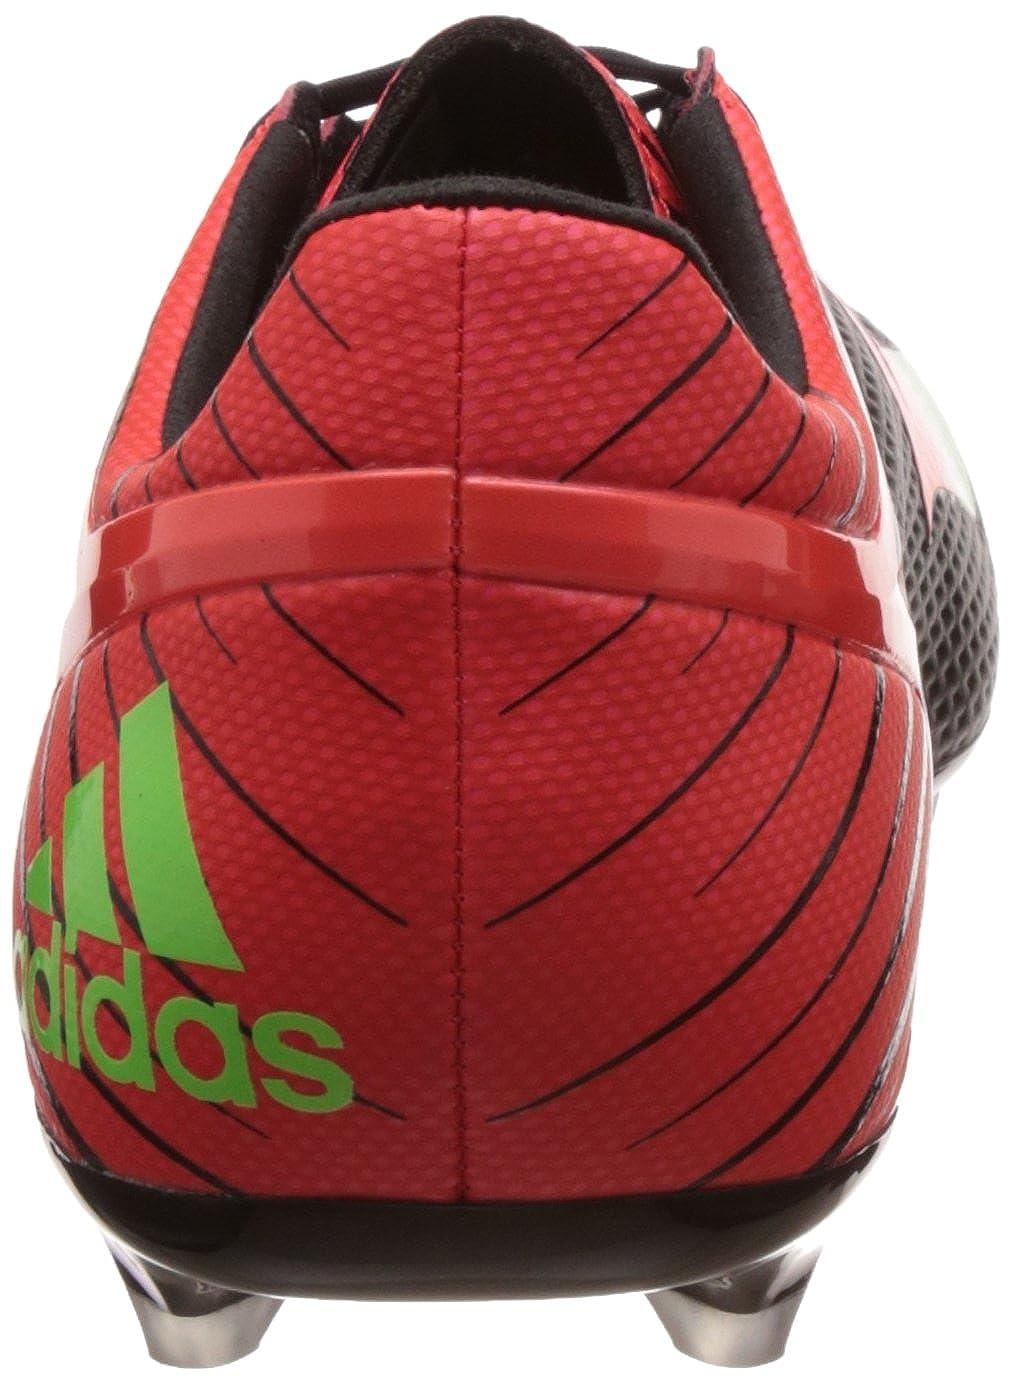 adidas Messi 15.2, Botas de fútbol para Hombre: Amazon.es